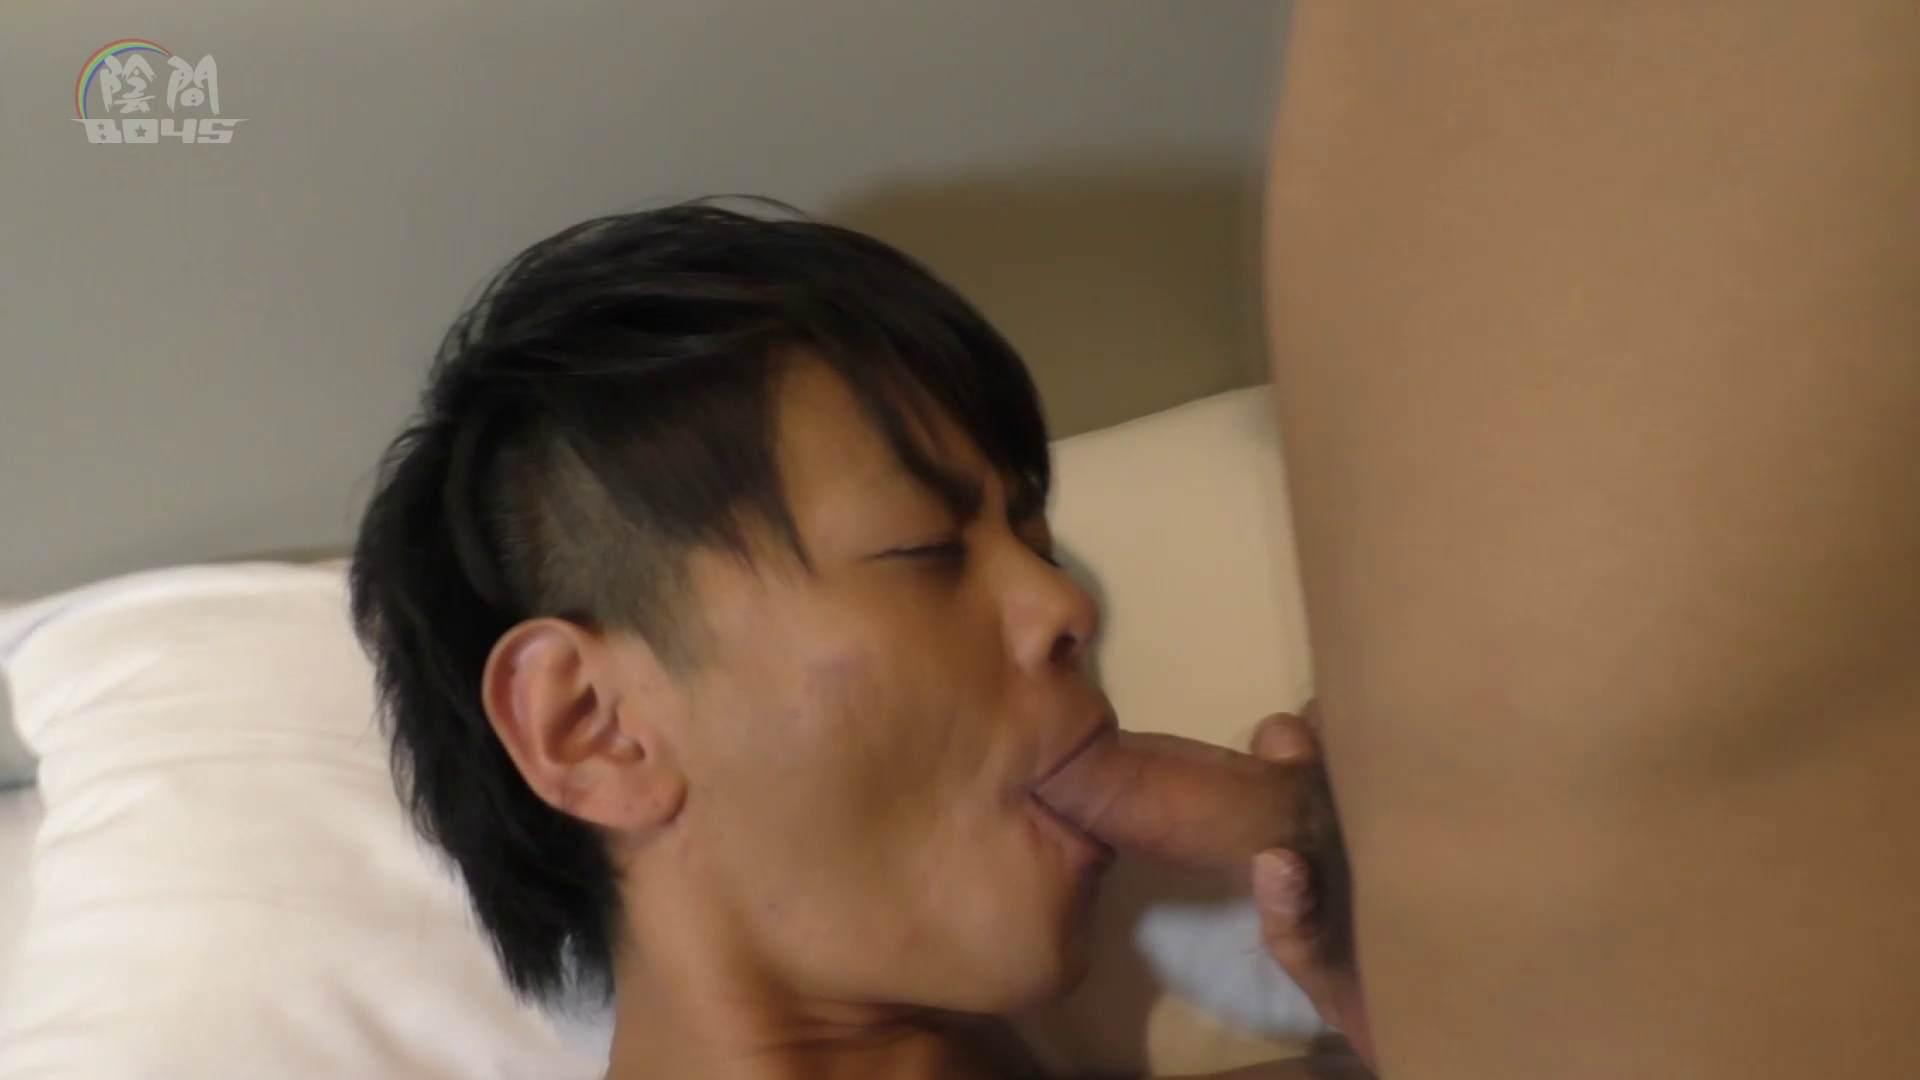 キャバクラの仕事はアナルから6  ~アナルの囁き~Vol.01 ザーメン ゲイ無修正ビデオ画像 74枚 71